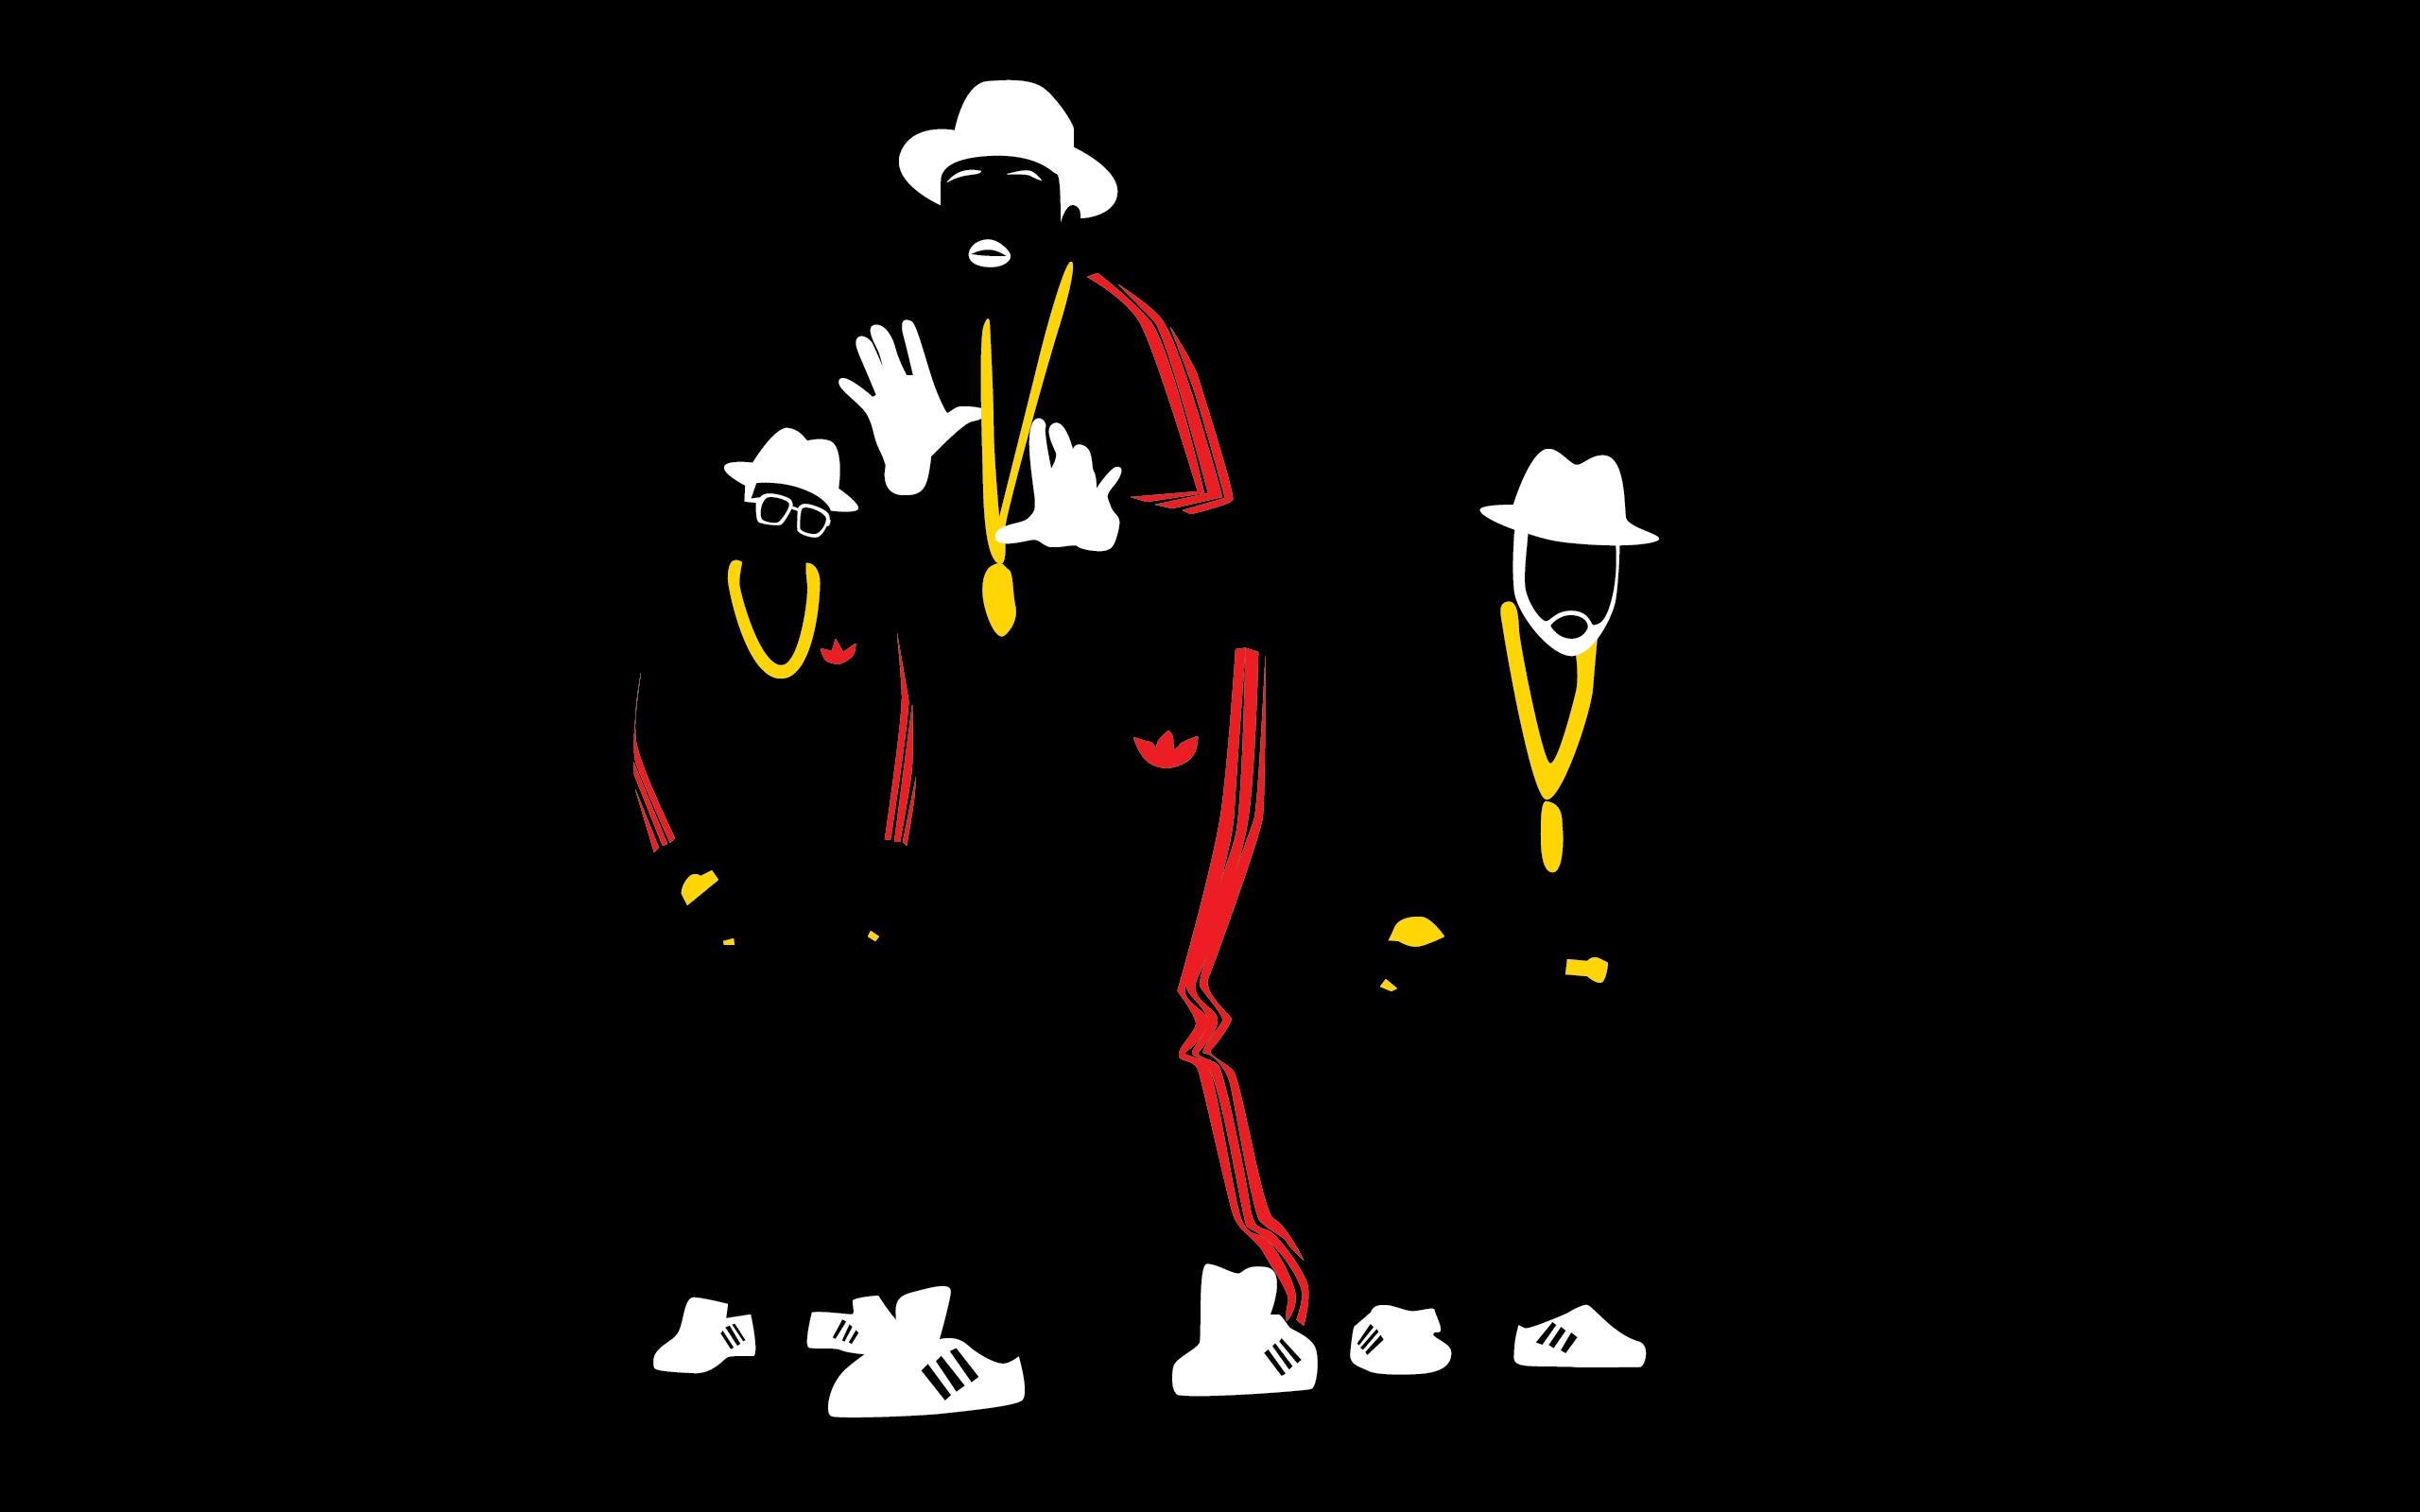 Dope 90s Backgrounds: Hiphop 壁紙~hiphop 壁紙